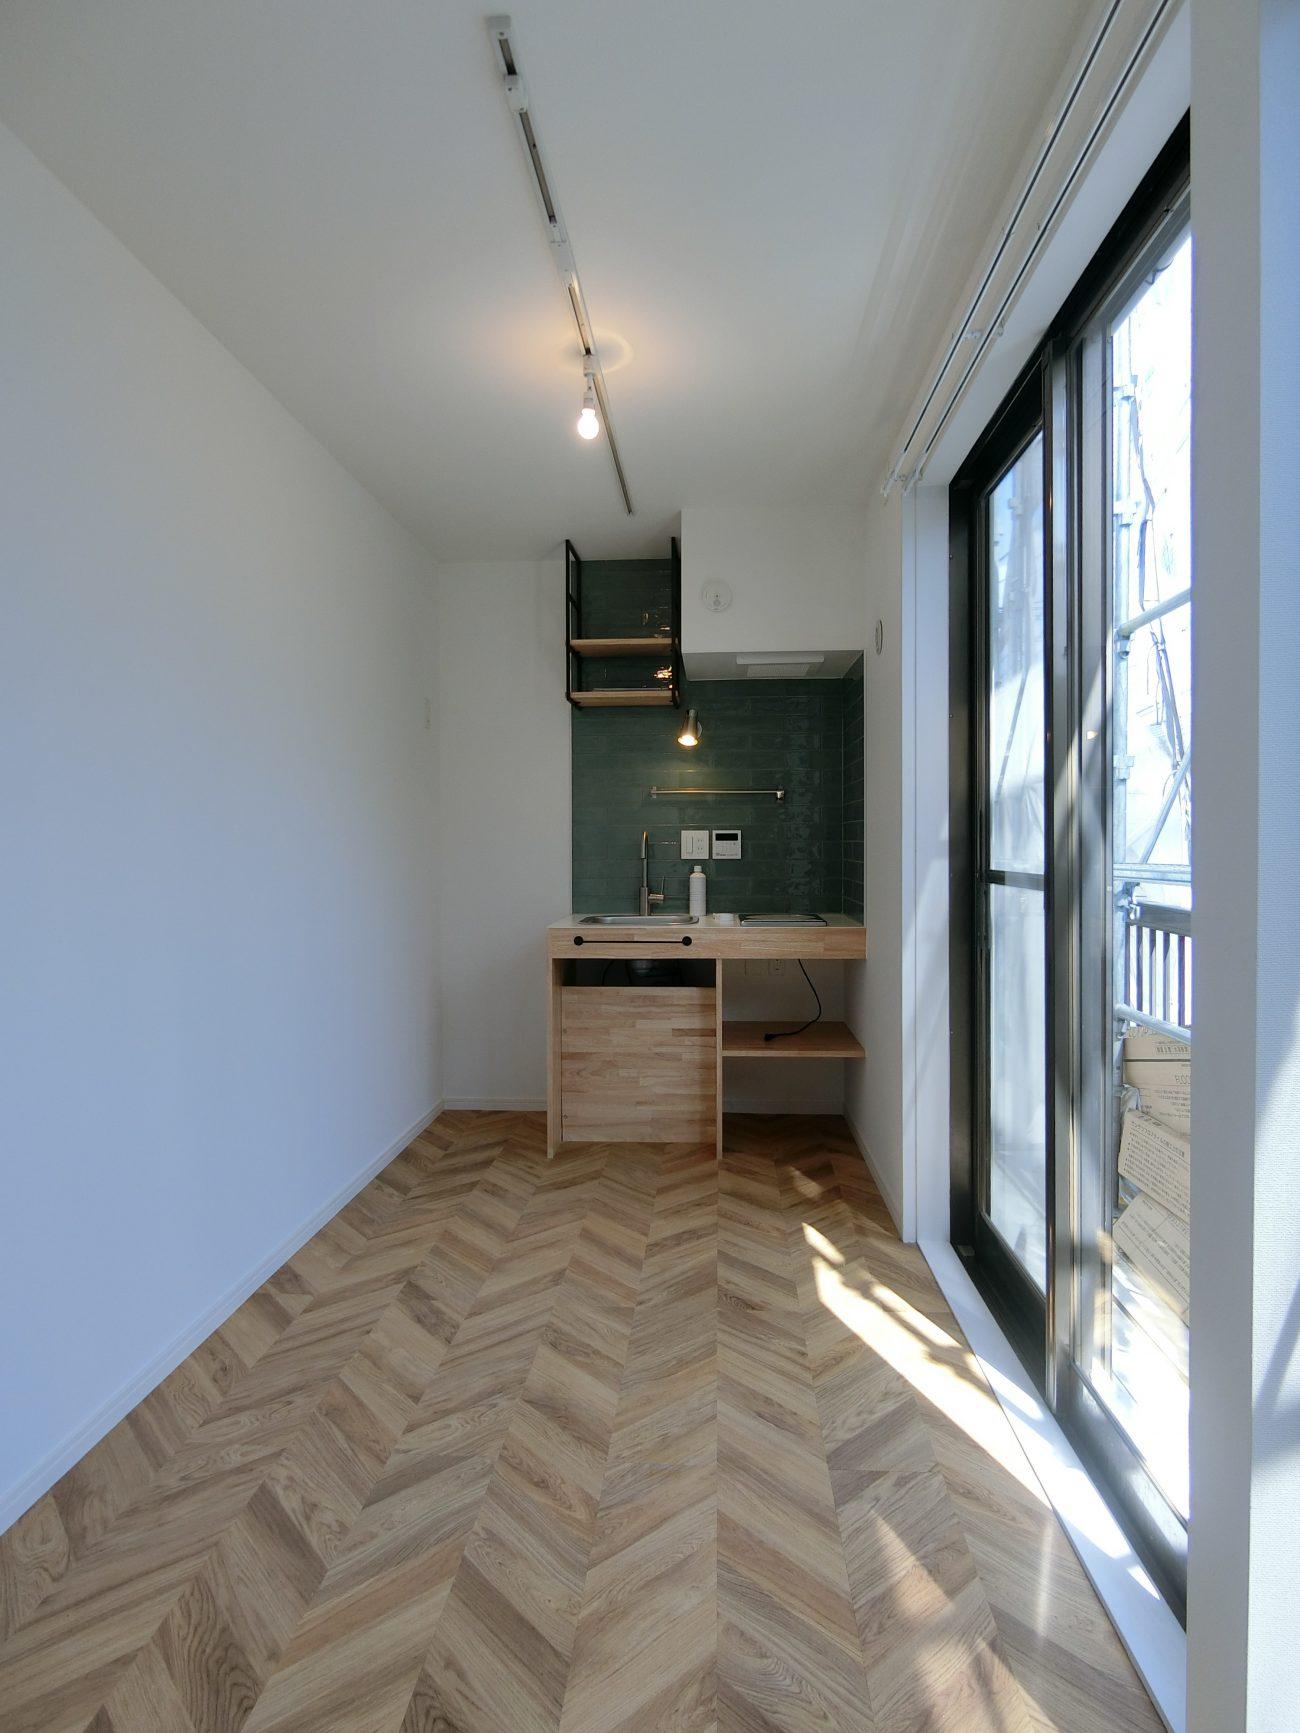 板橋本町 築55年の木造2階建てシェアハウスをナチュラルリノベでリニューアルの画像